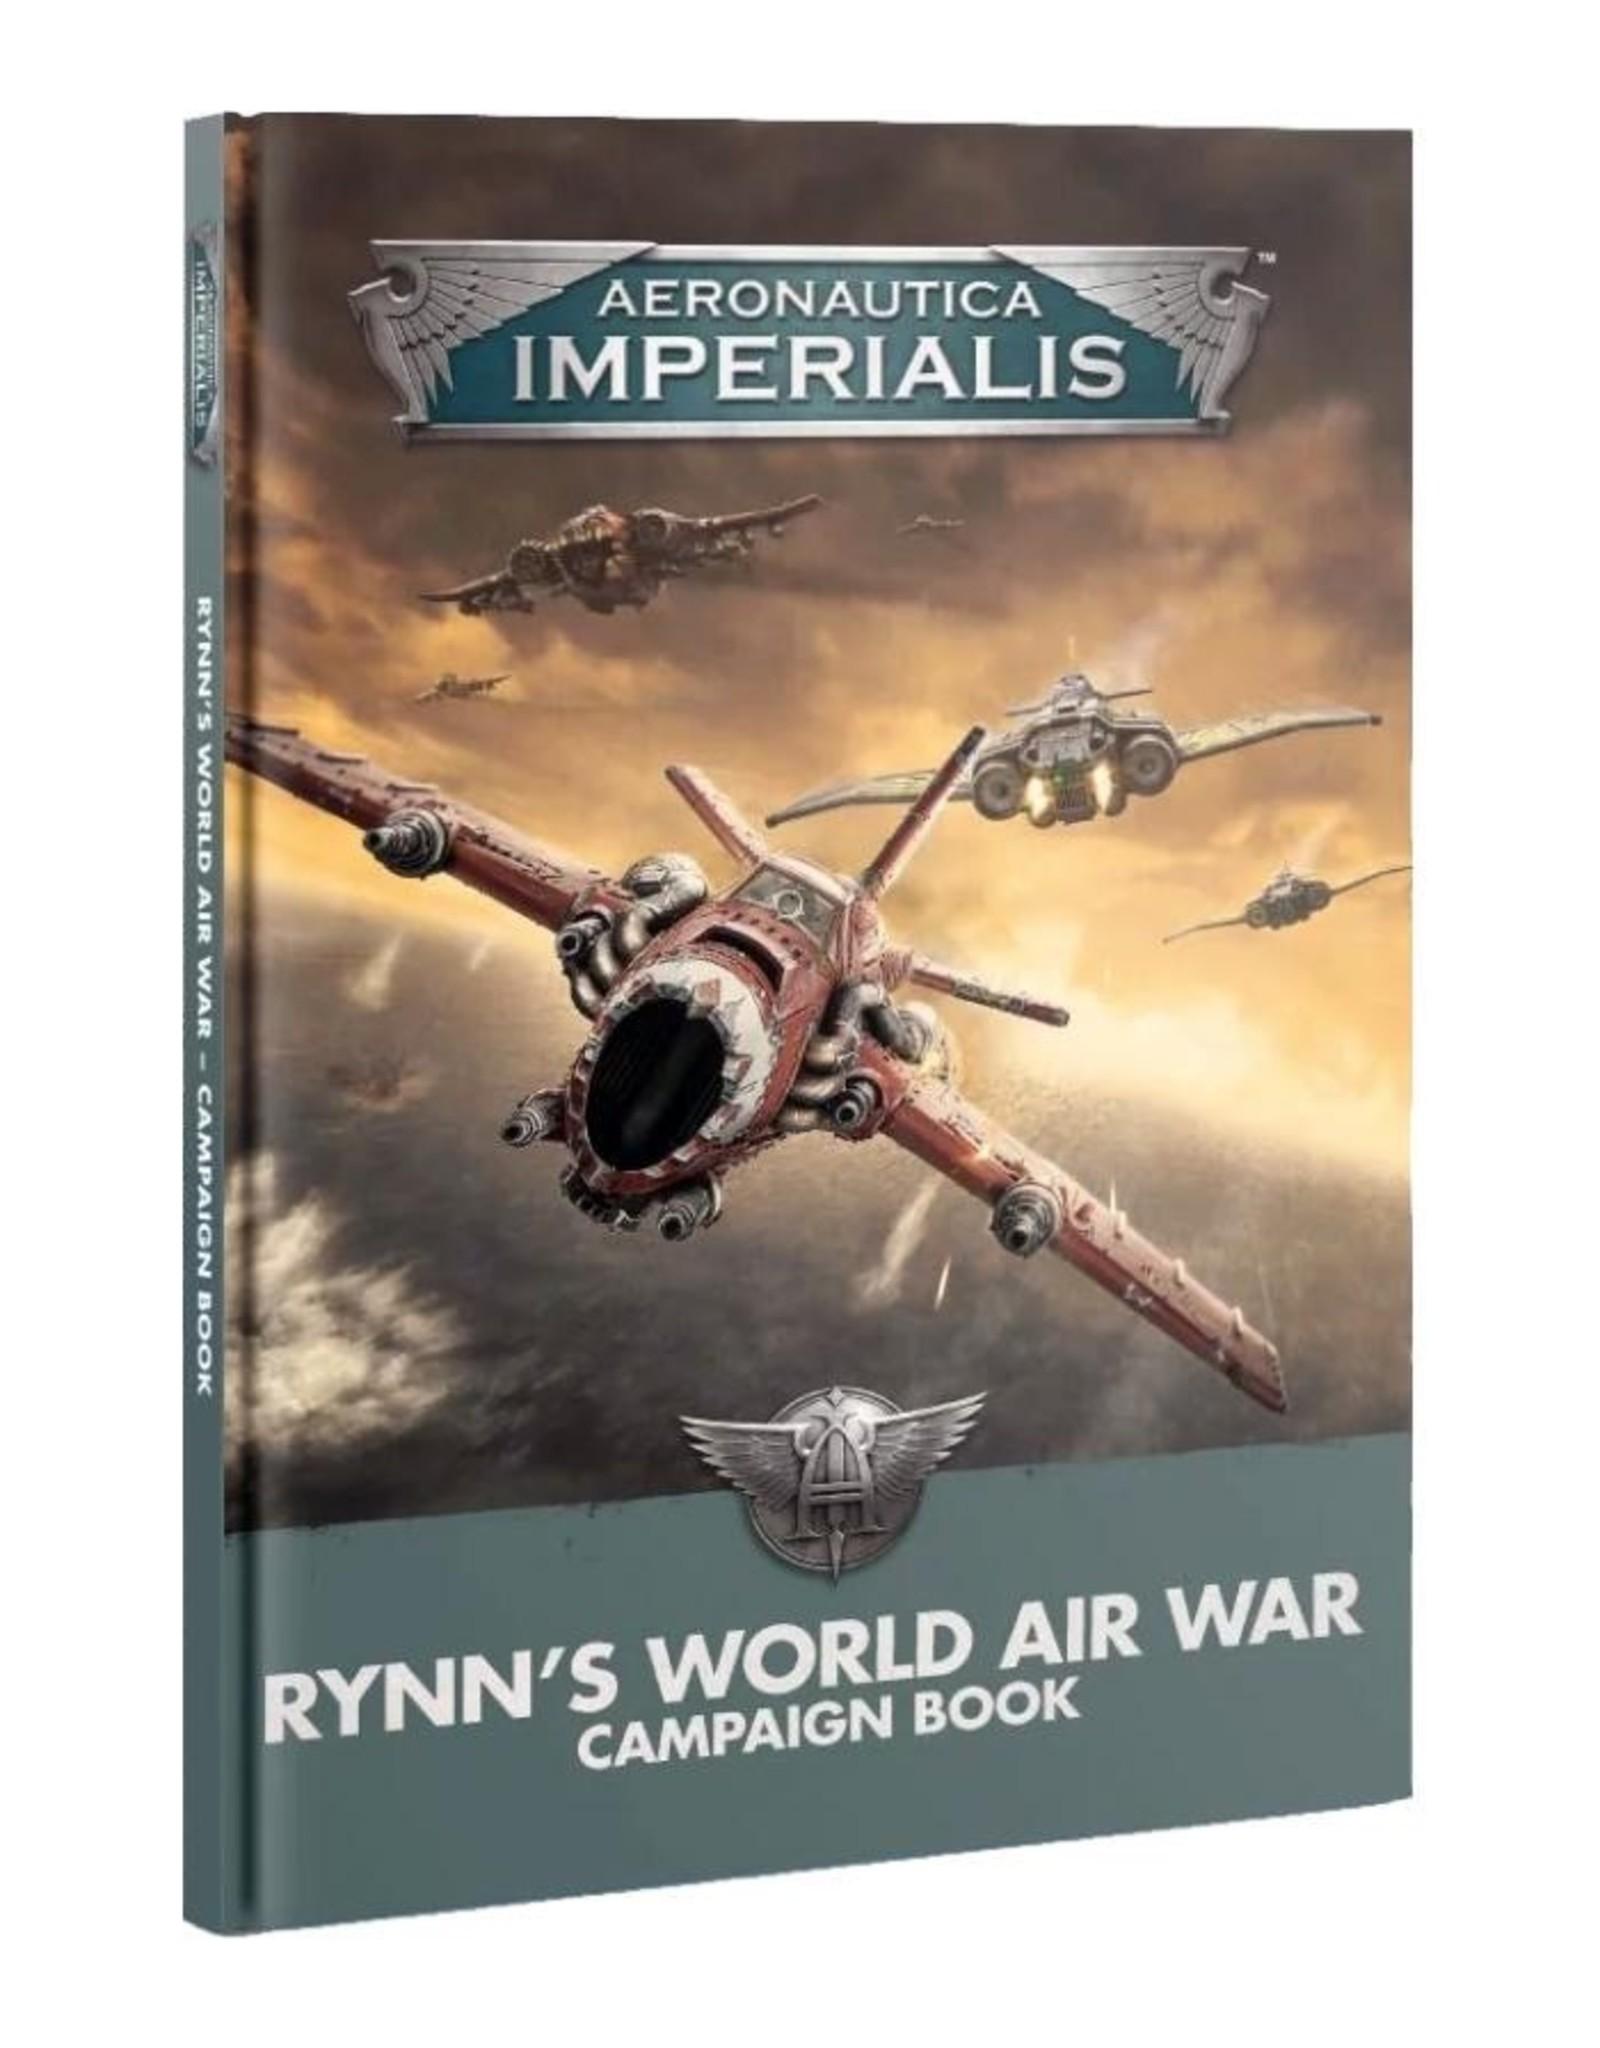 Games Workshop Aero/Imperialis: Rynn's World